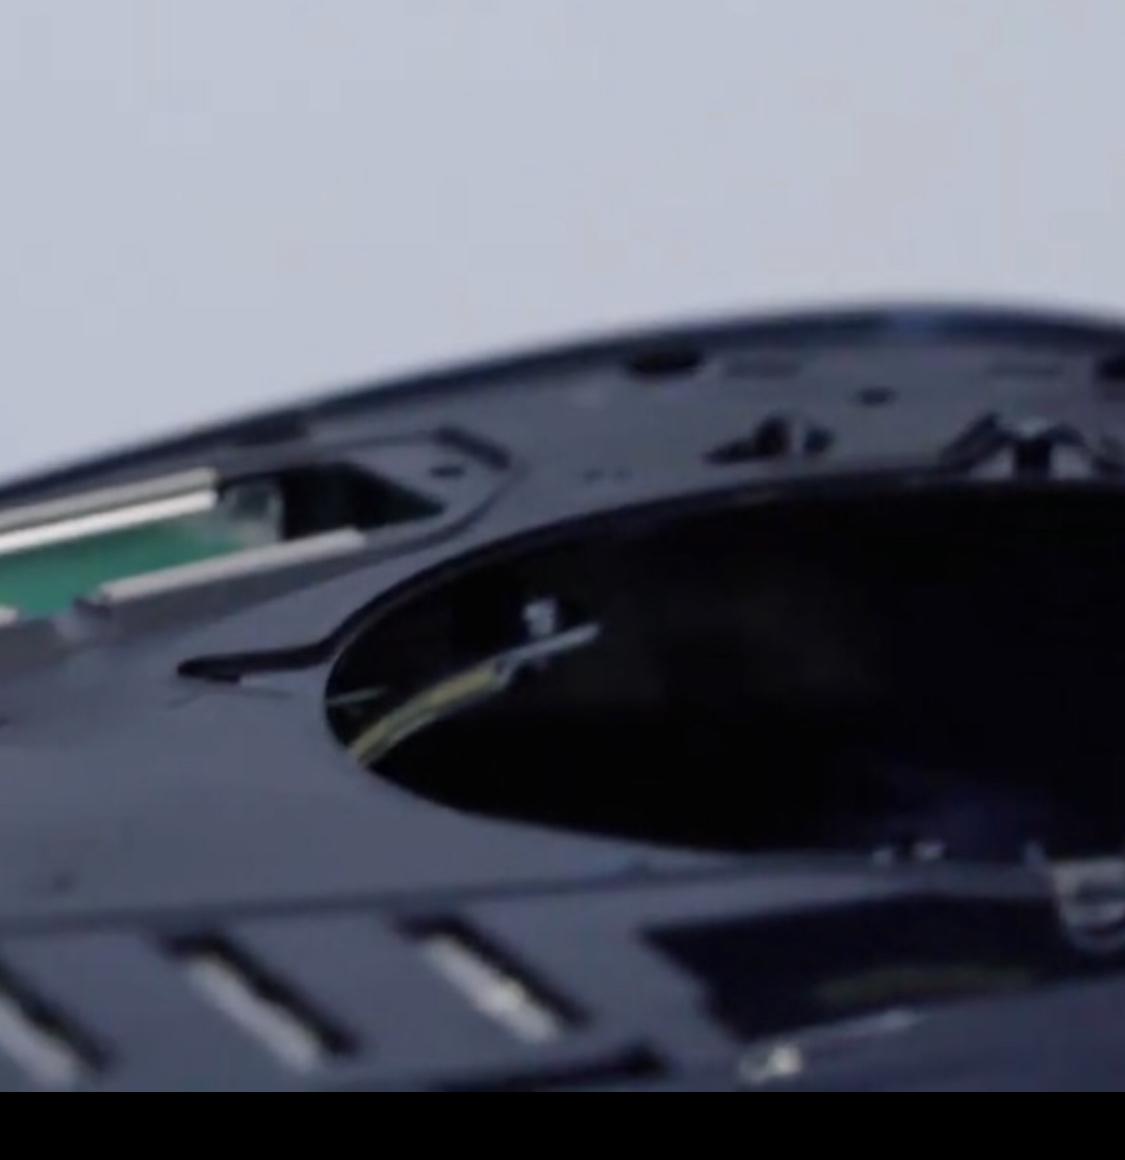 OIThlAI - DF「PS5は内蔵SSD逝ったら交換修理だし拡張SSDも冷えねーだろコレ」